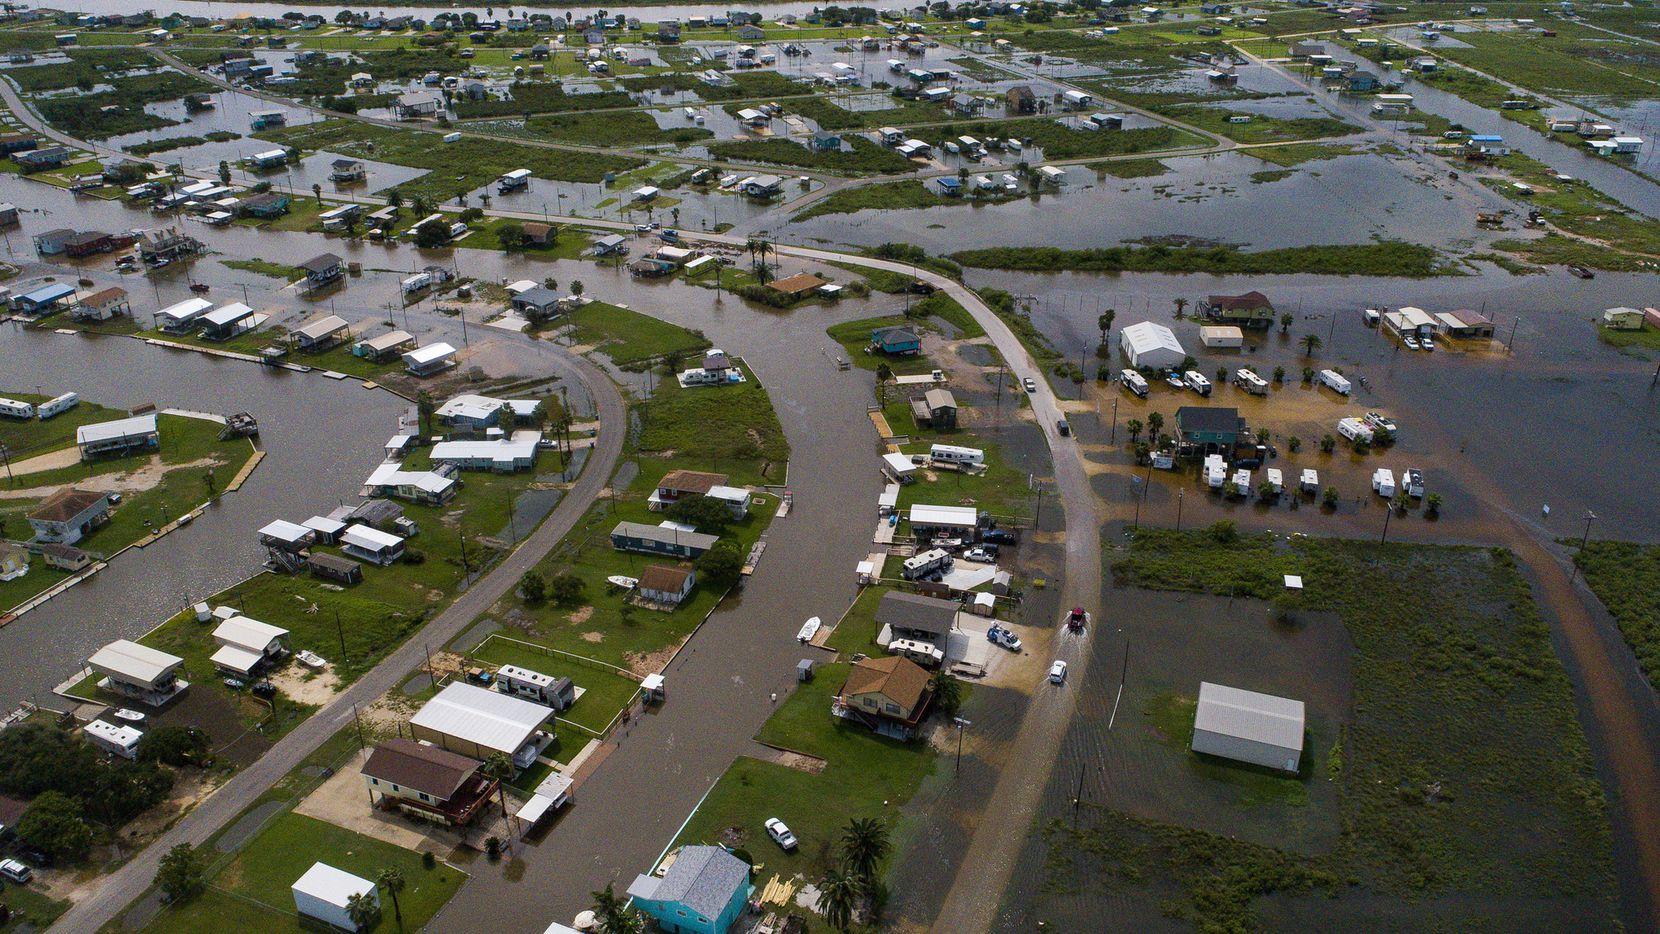 El poblado de Sargent, al sureste de Texas, recibió 22 pulgadas de lluvia el miércoles.